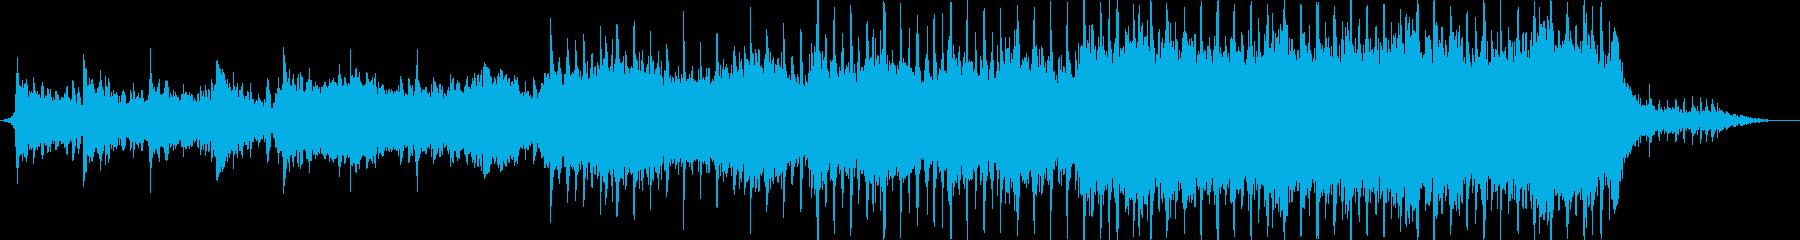 現代の交響曲 感情的 バラード 心...の再生済みの波形